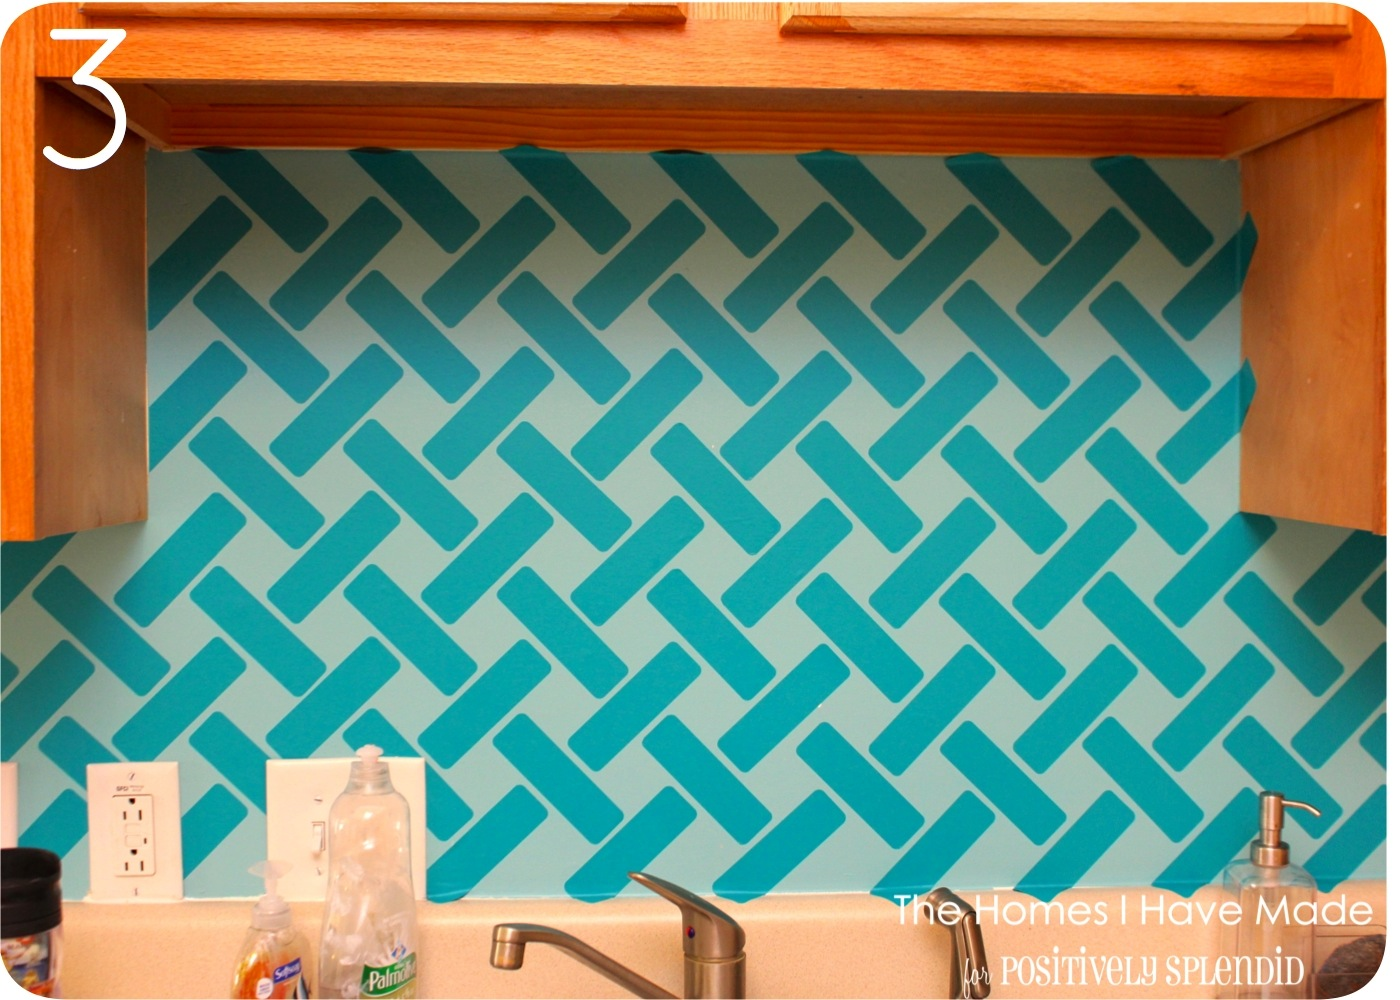 Vinyl tiles for backsplash